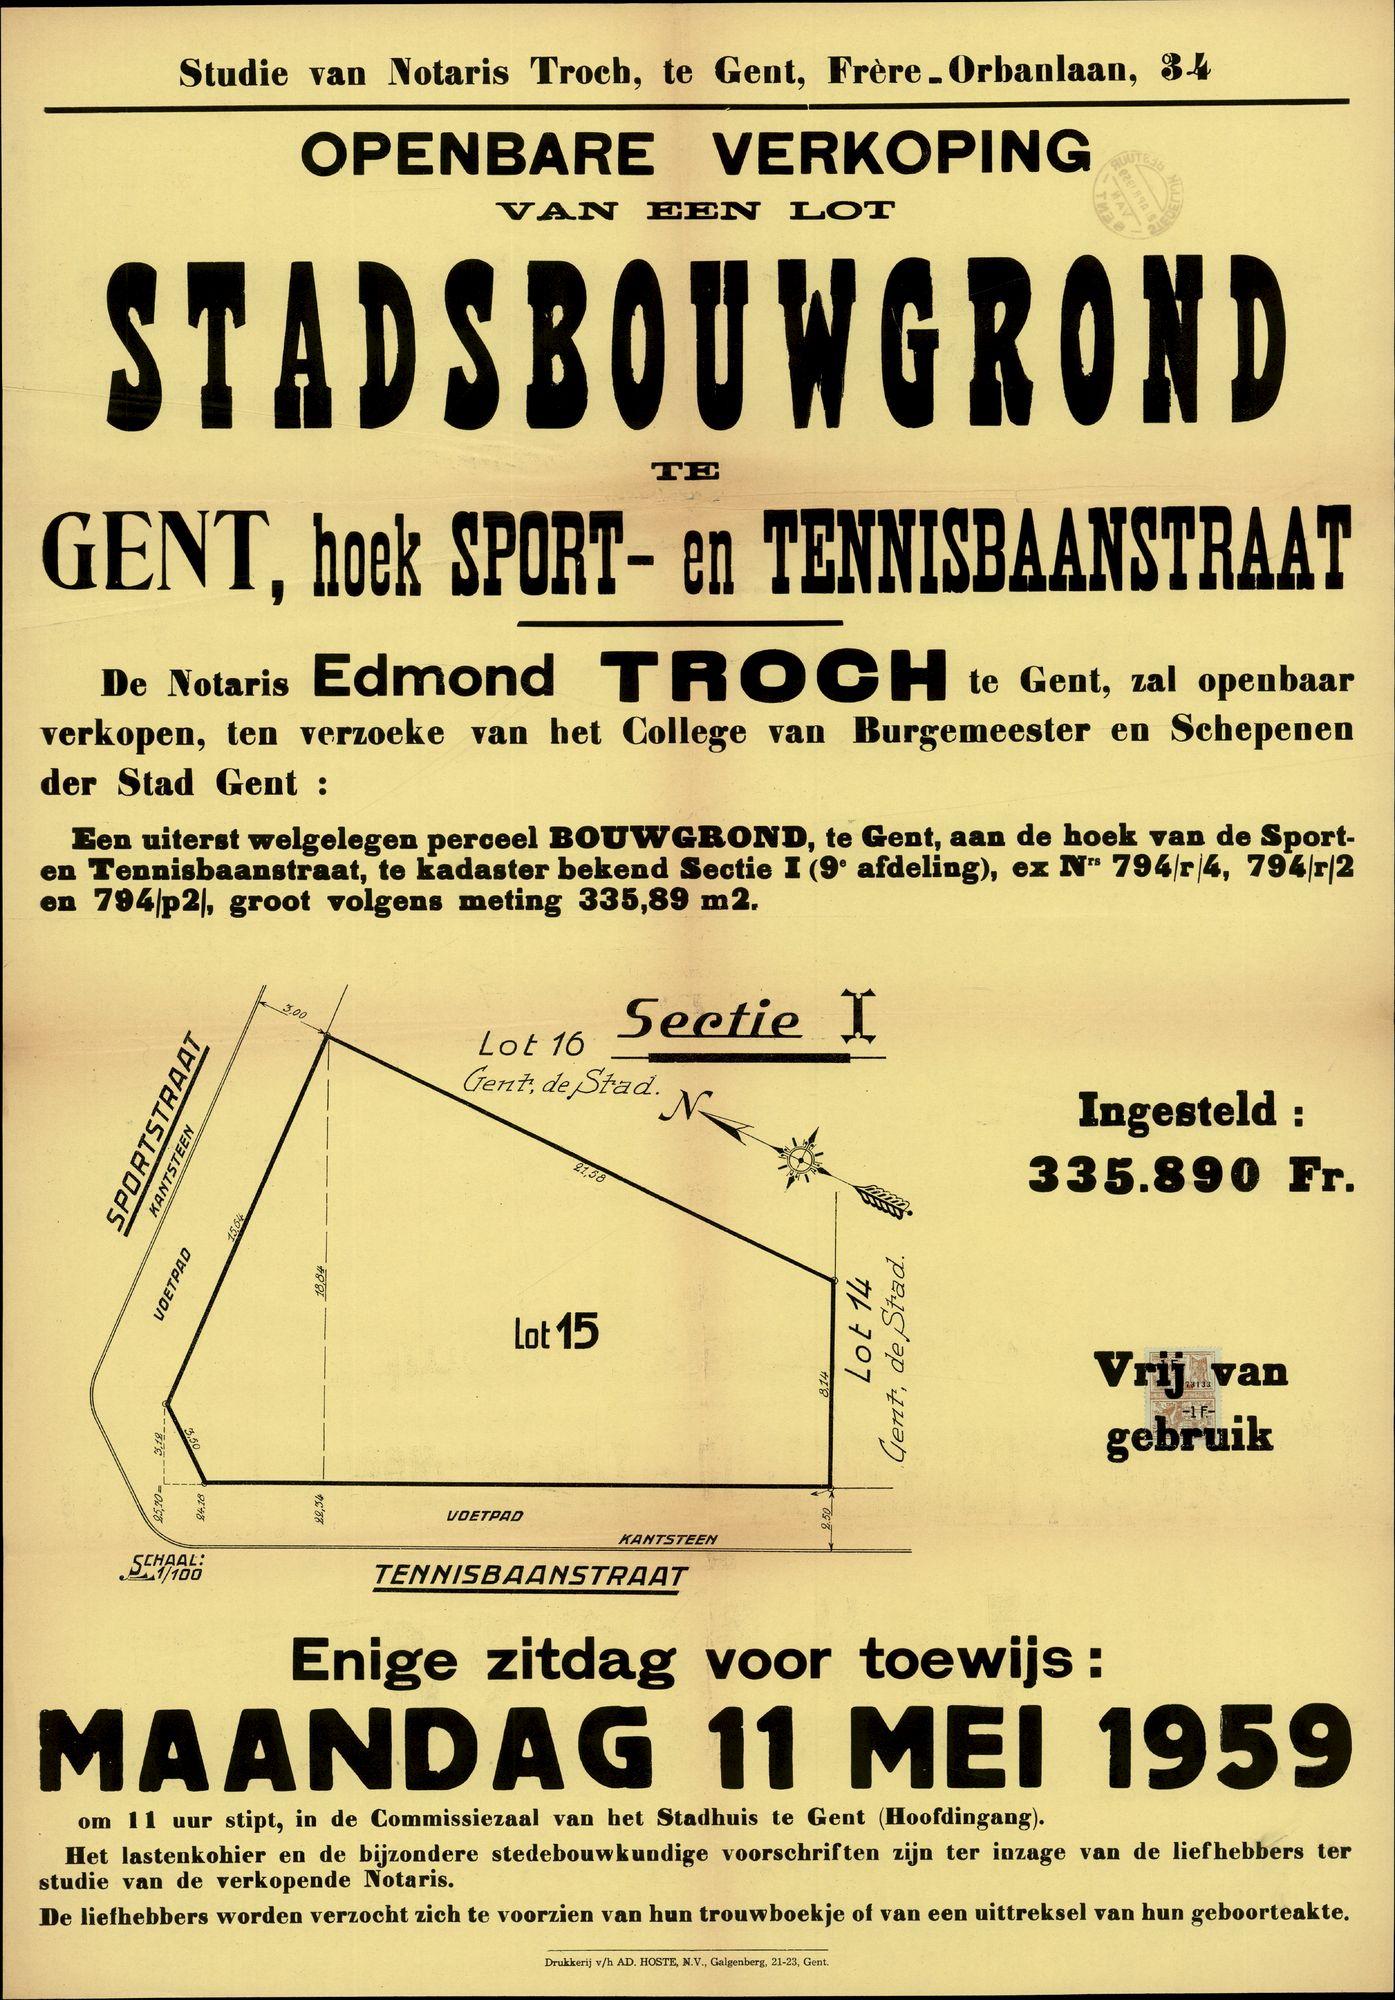 Openbare verkoop van een lot stadsbouwgrond te Gent, hoek Sport- en Tennisbaanstraat, Gent, 11 mei 1959